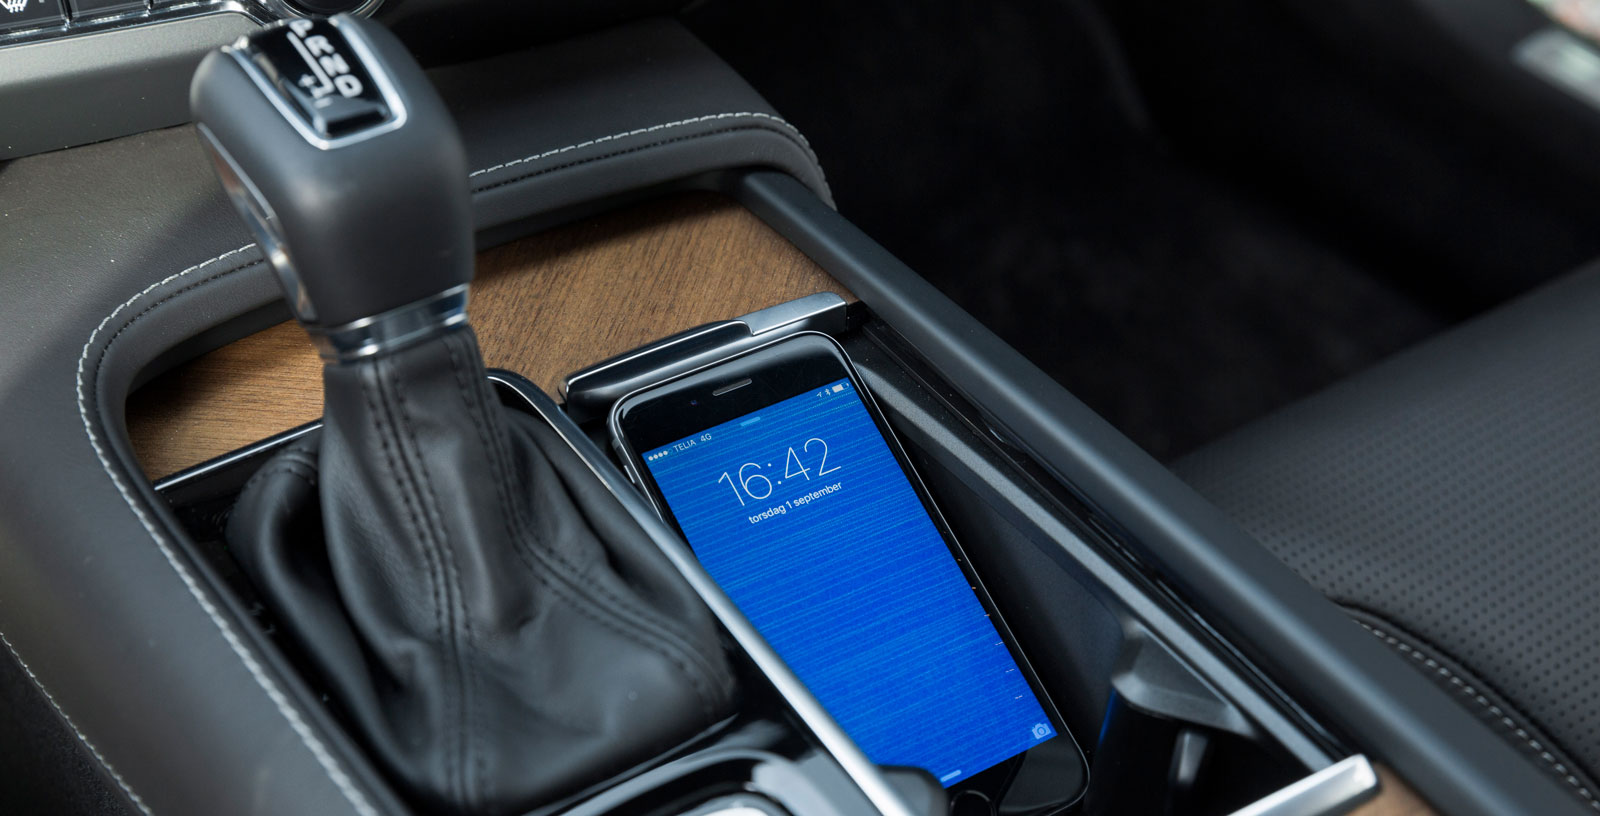 """Volvo är också fylld av genomtänkta lösningar, exempelvis det här facket som är perfekt avpassat för en """"smartphone""""."""